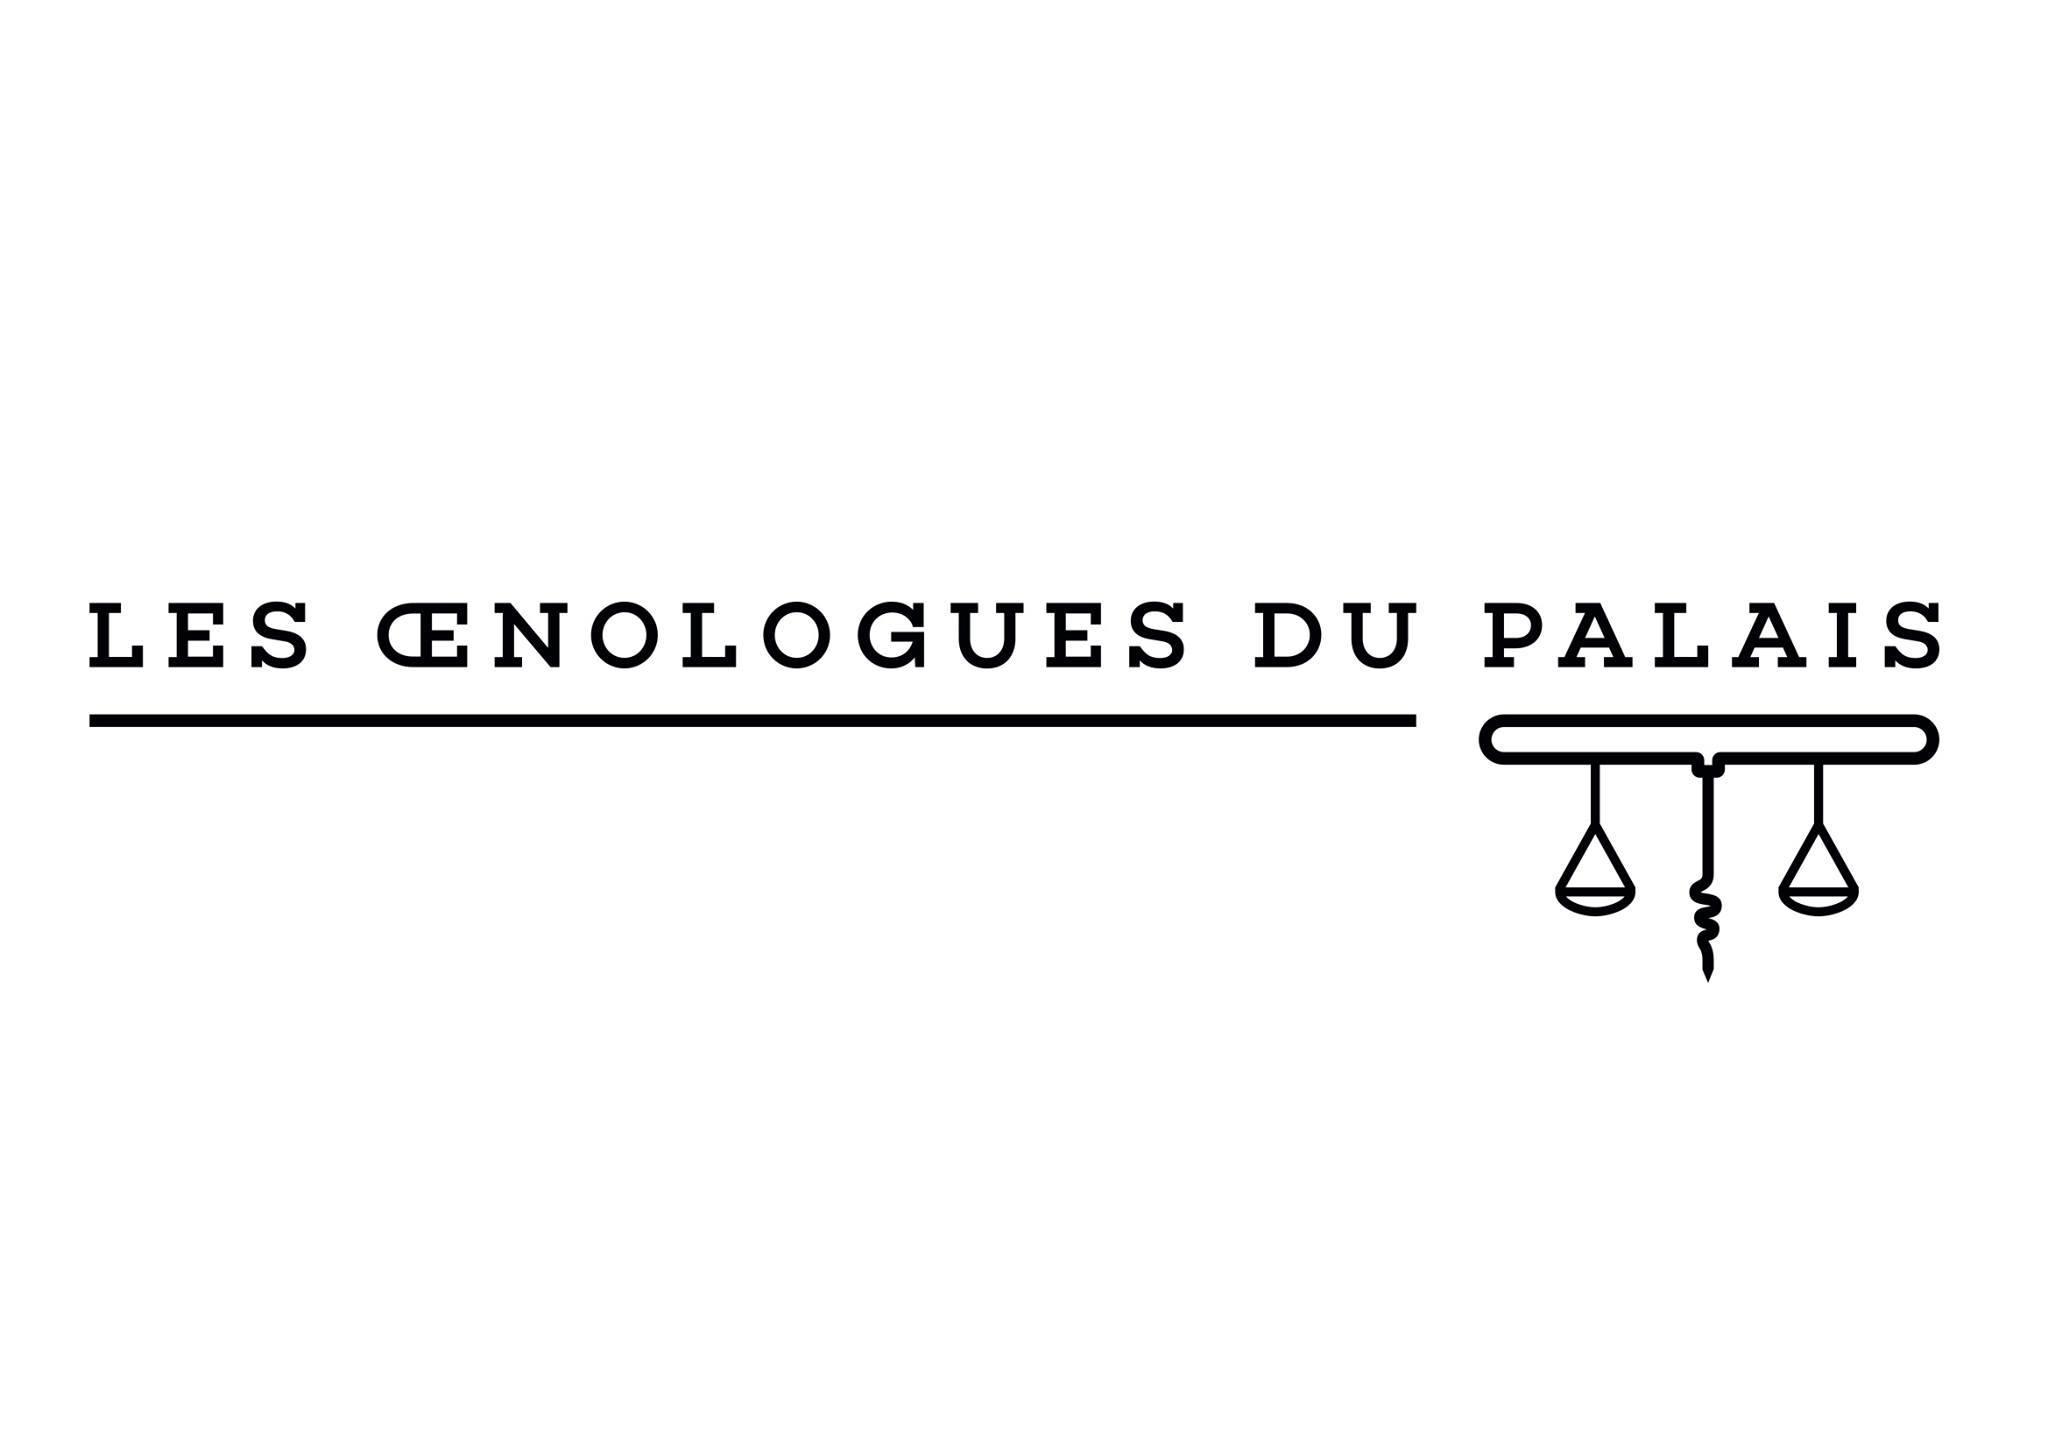 Les oenologues du Palais